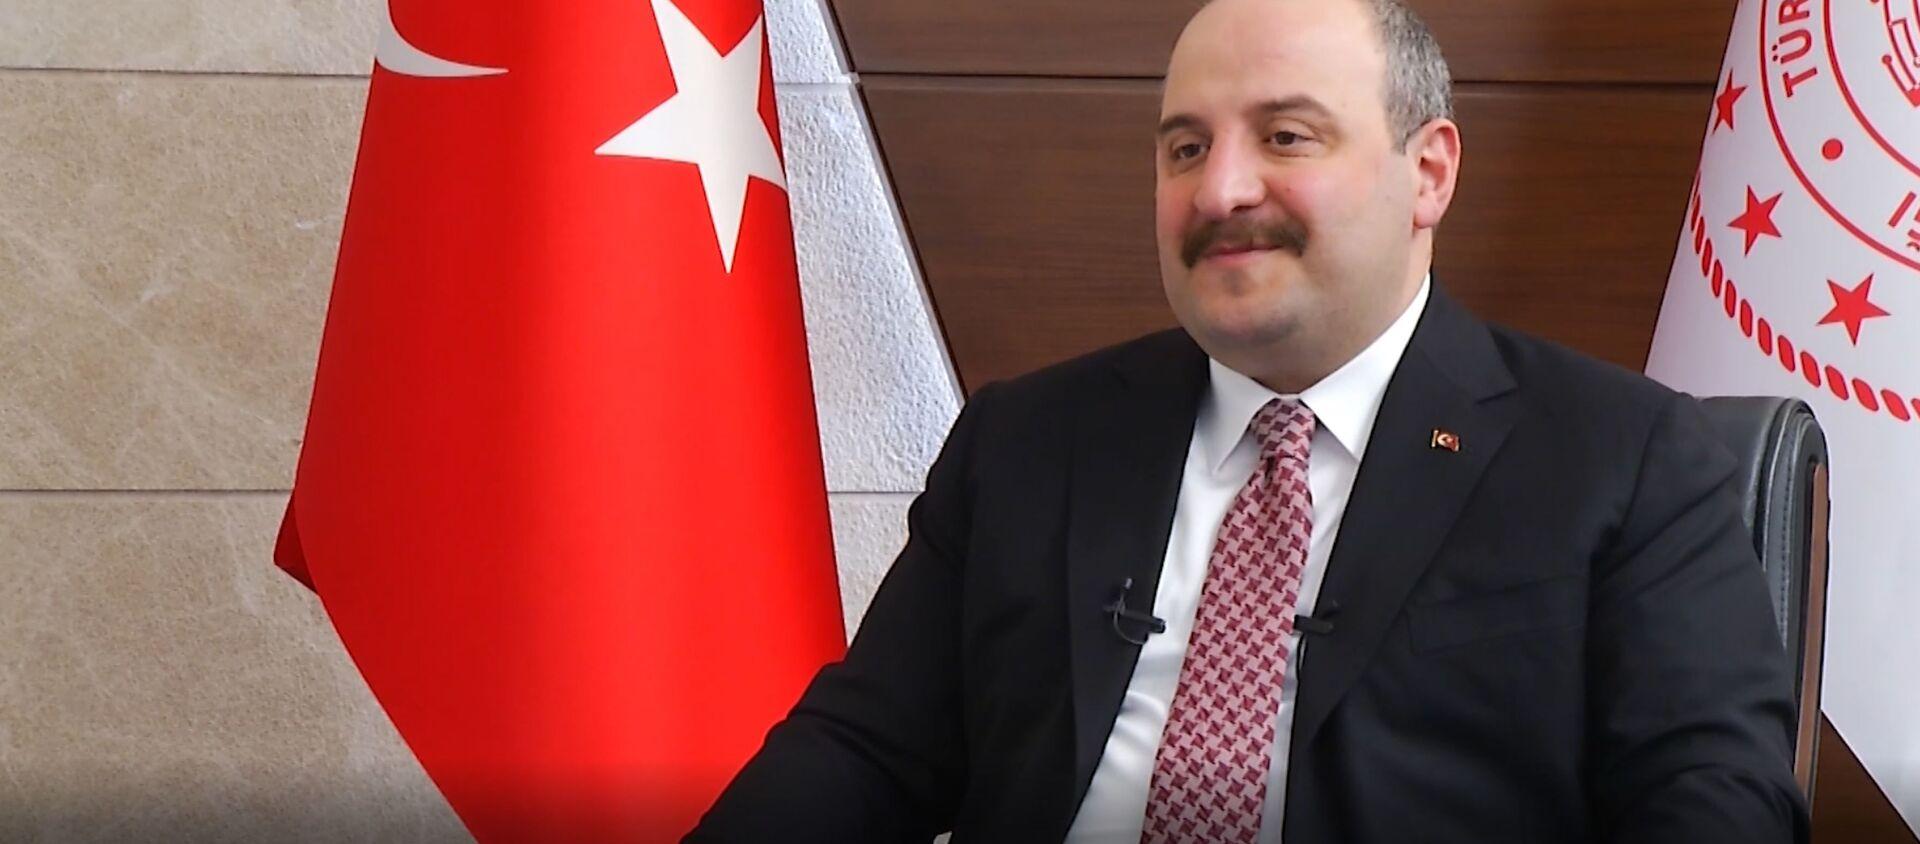 Sanayi ve Teknoloji Bakanı Mustafa Varank: Artık Türkiye'ye tersine beyin göçü var diyebiliriz - Sputnik Türkiye, 1920, 11.03.2021